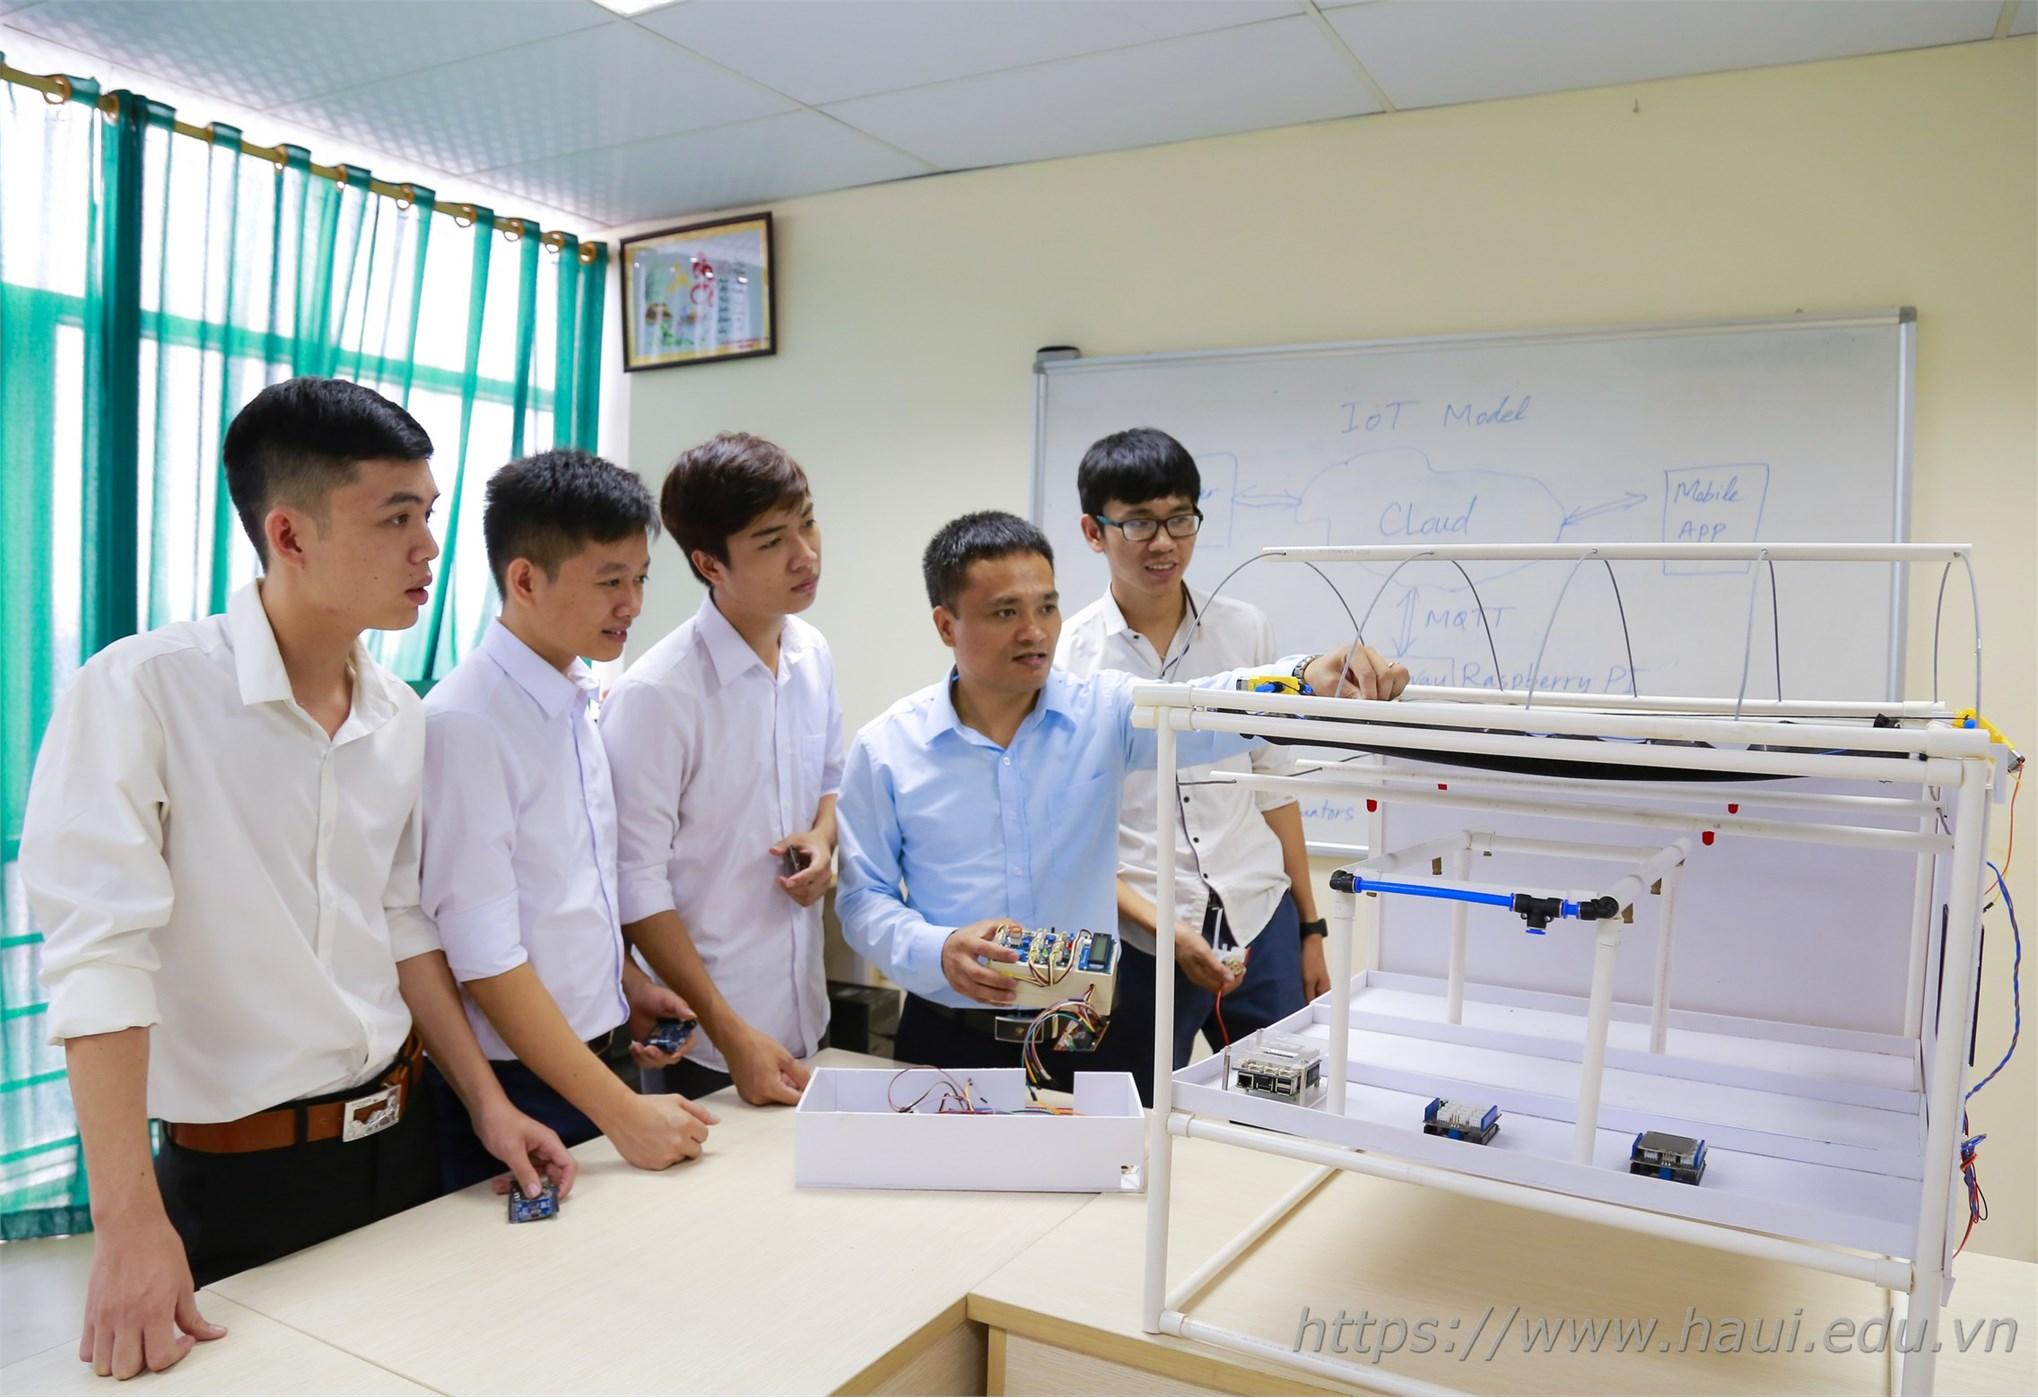 Nghiên cứu ứng dụng công nghệ Internet of Things xây dựng hệ thống nhà kính thông minh của sinh viên HaUI